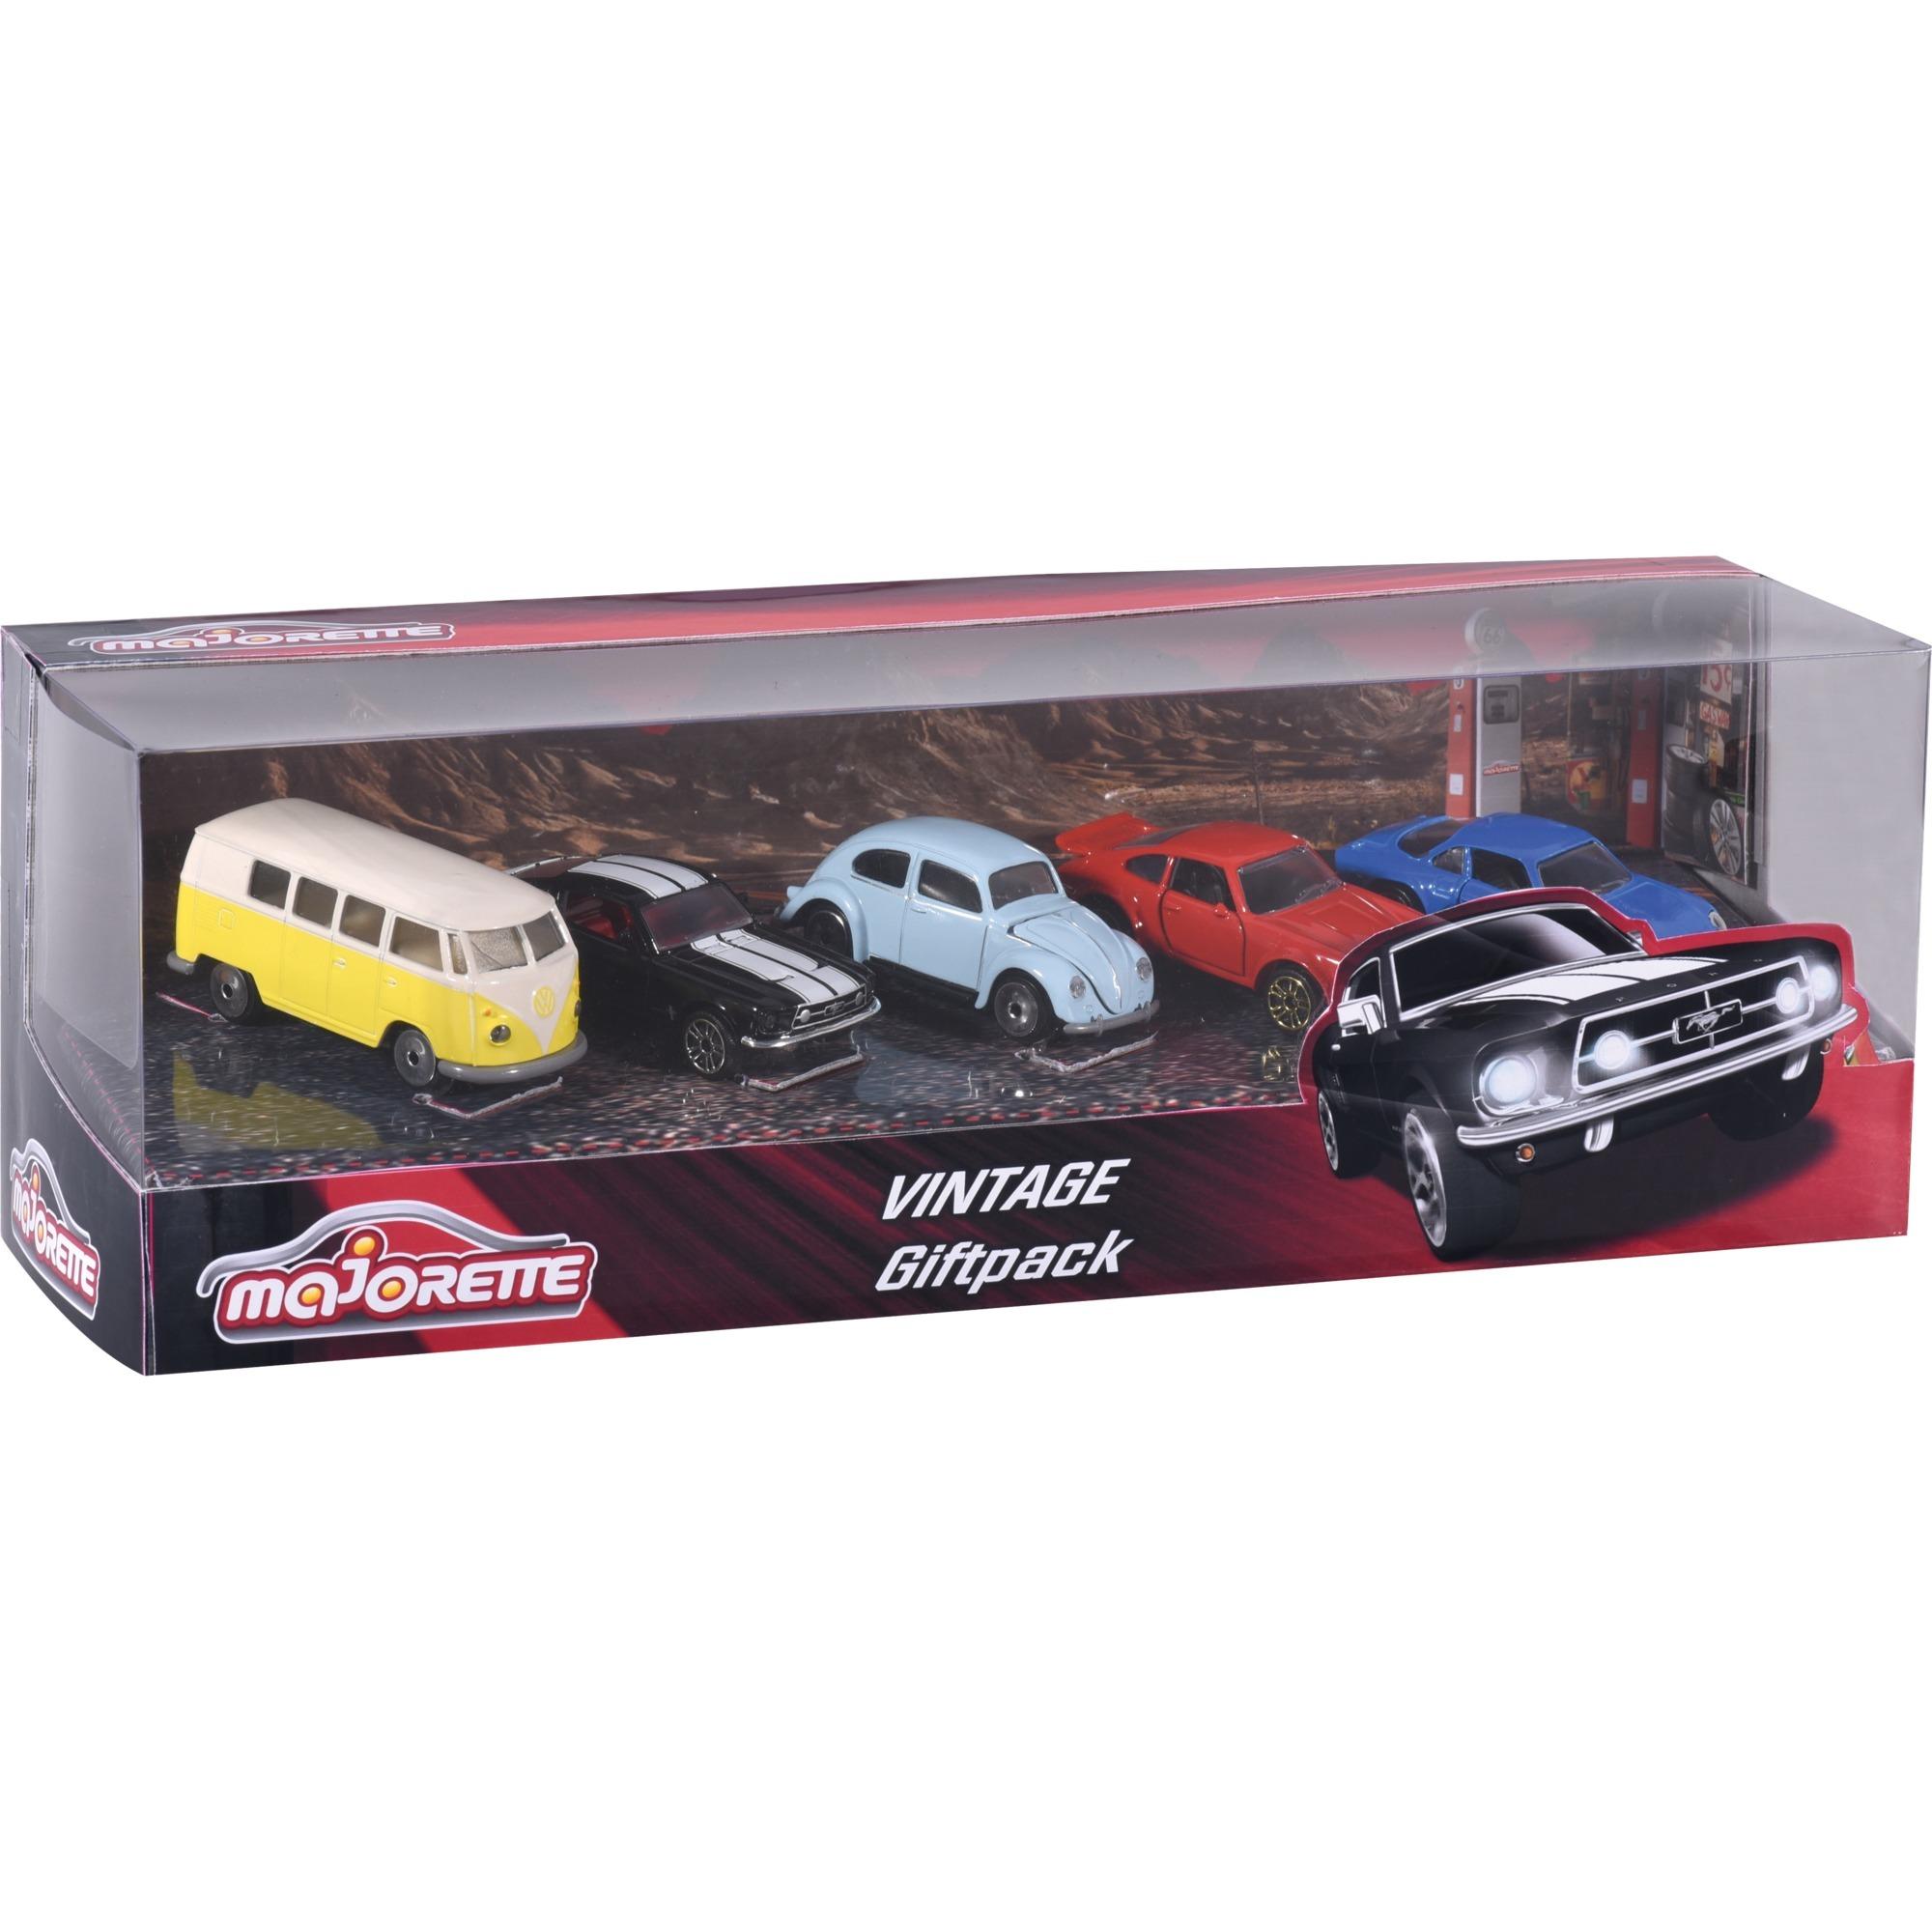 212052013 Coche y carreras set de juguetes, Automóvil de construcción